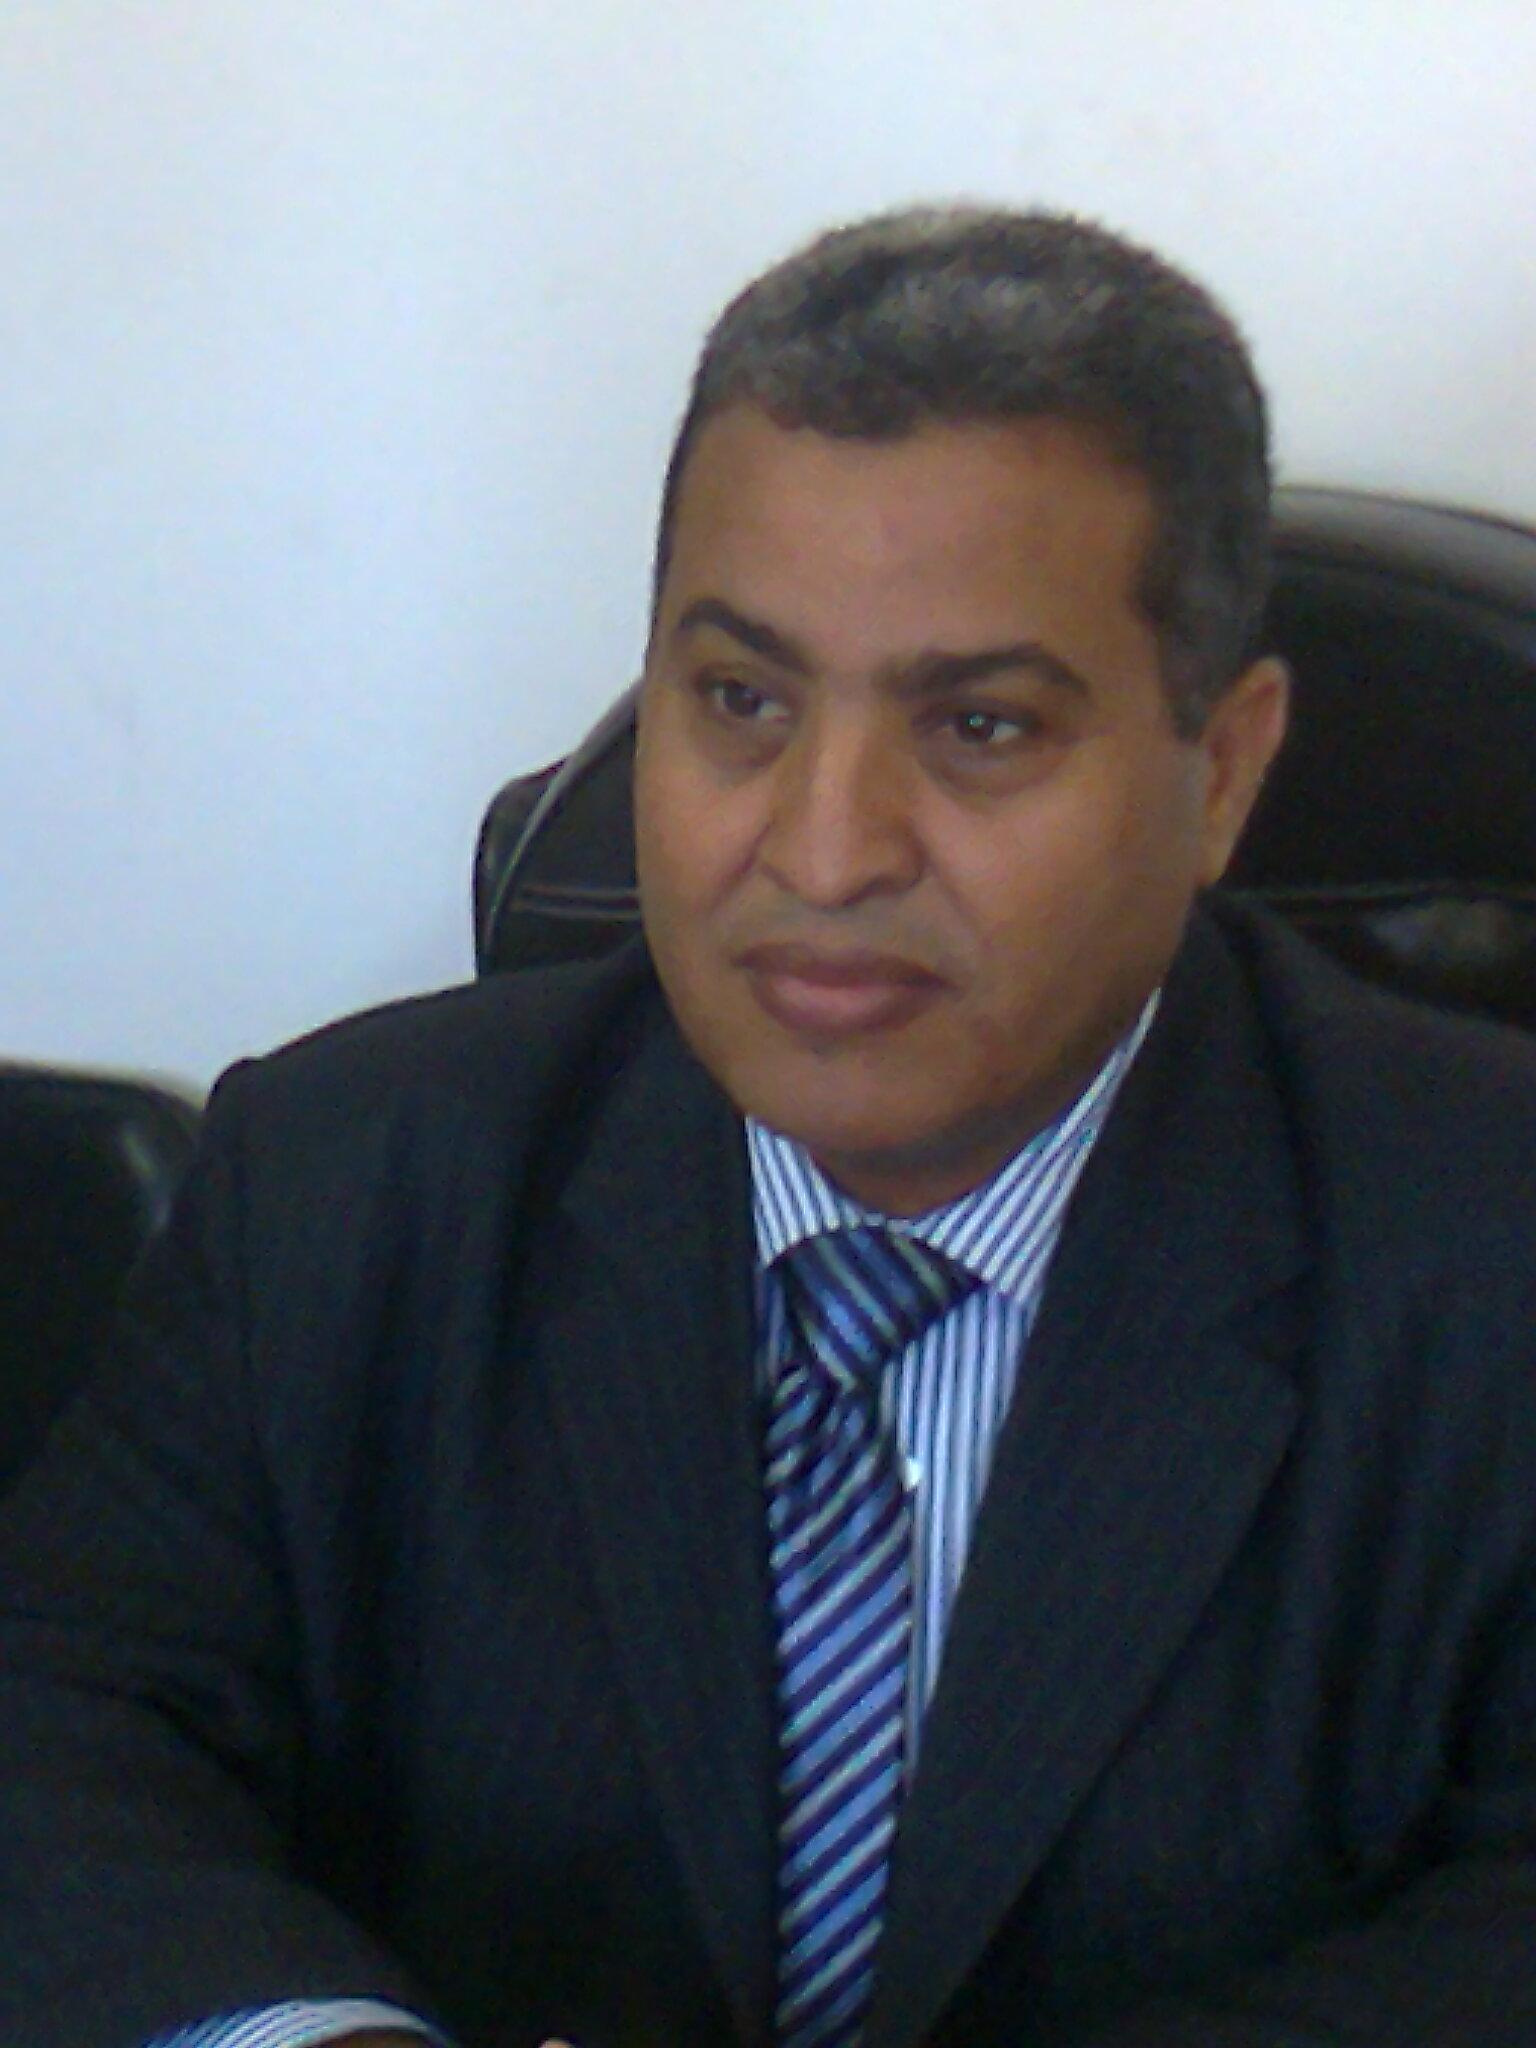 Anwar Osman Gomaa Hassan